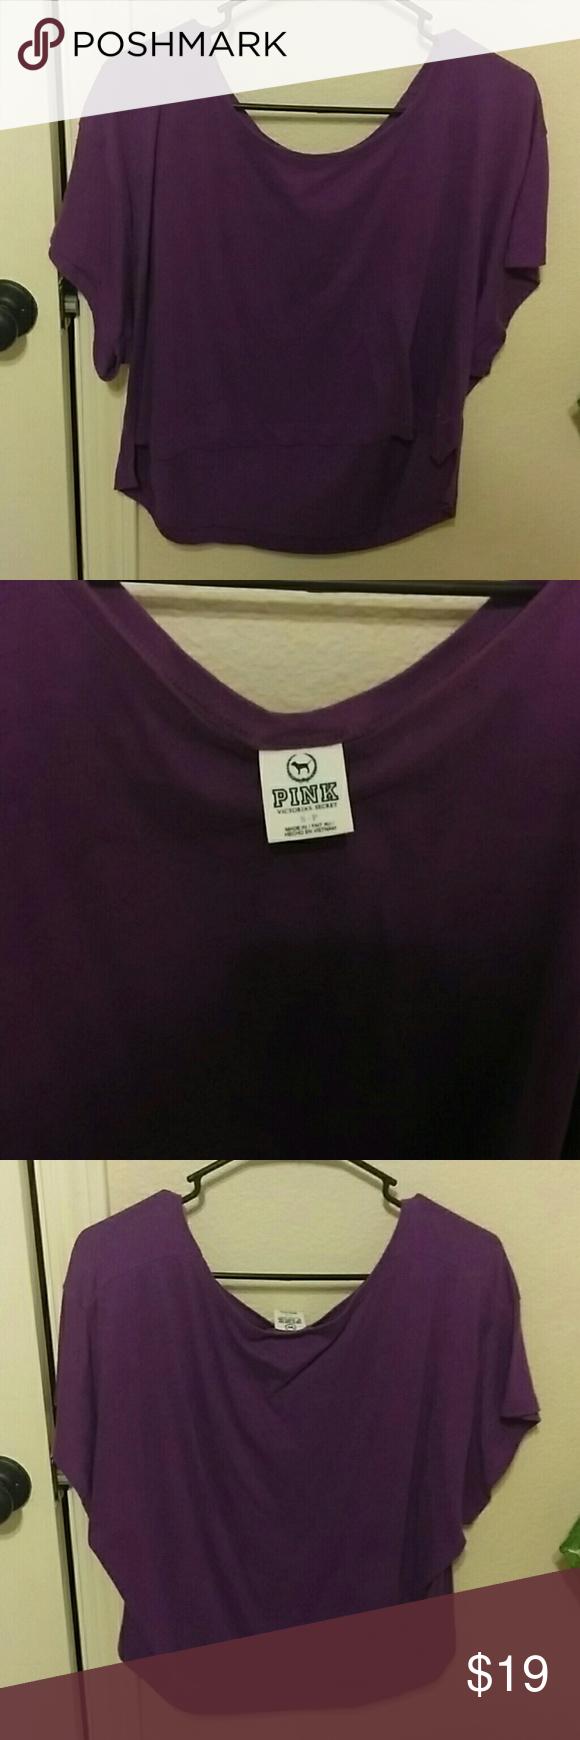 Purple loose Victoria's secret shirt Purple loose Victoria's secret shirt Victoria's Secret Tops Tees - Short Sleeve